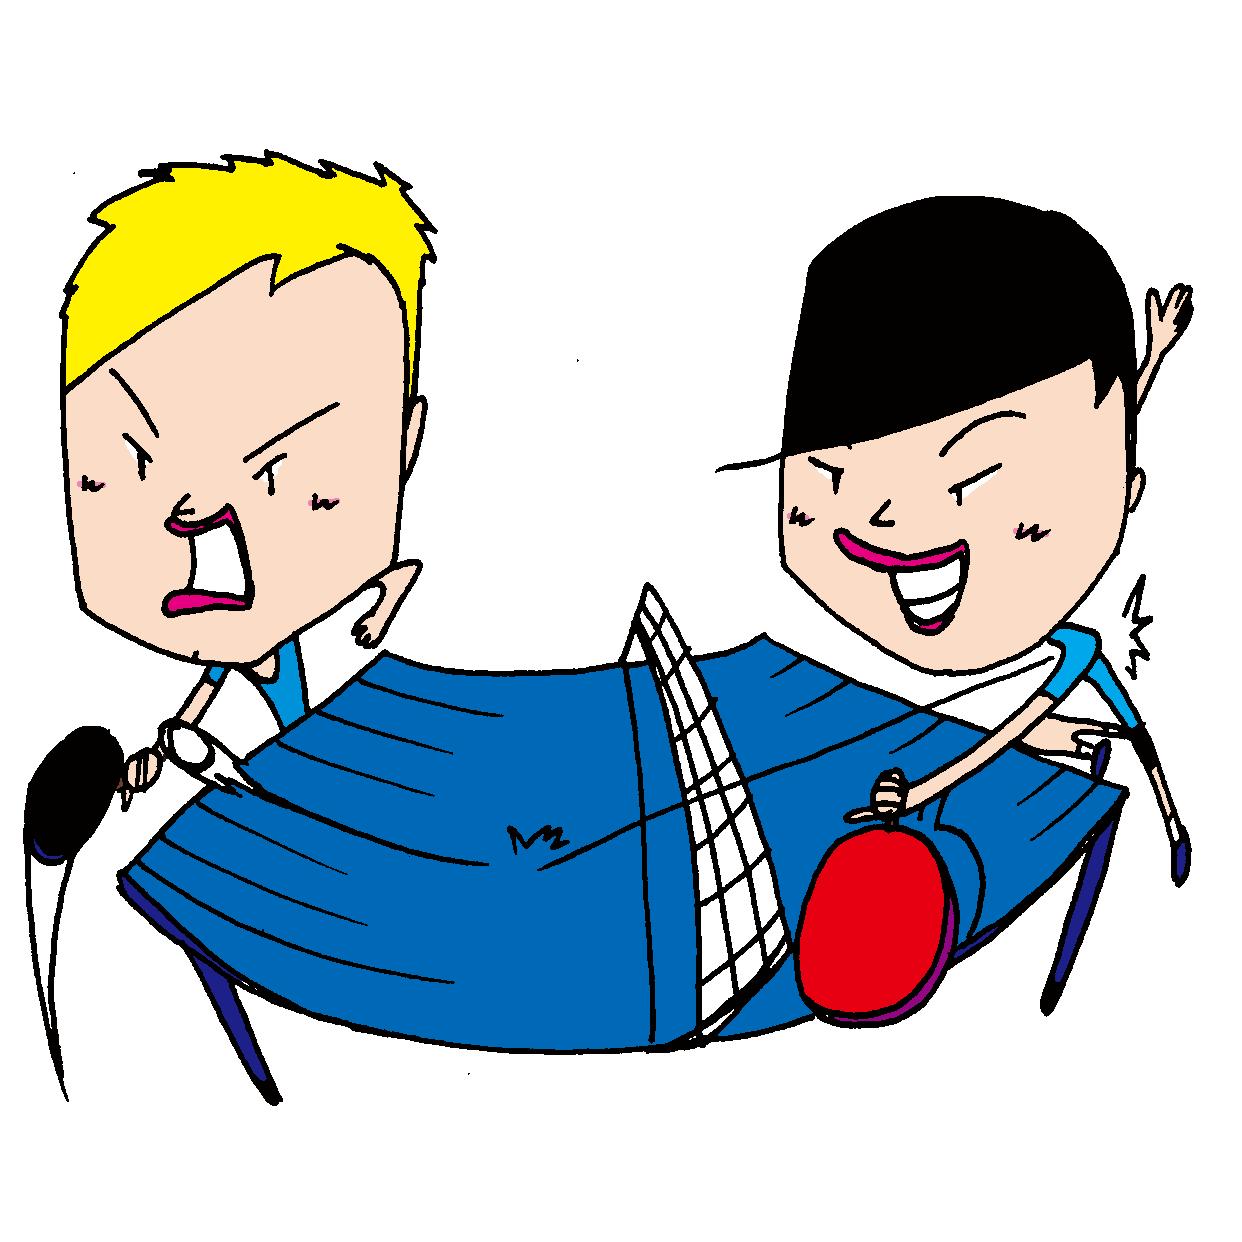 【無料イラスト素材】卓球のシングル全力試合【熱い真剣勝負】